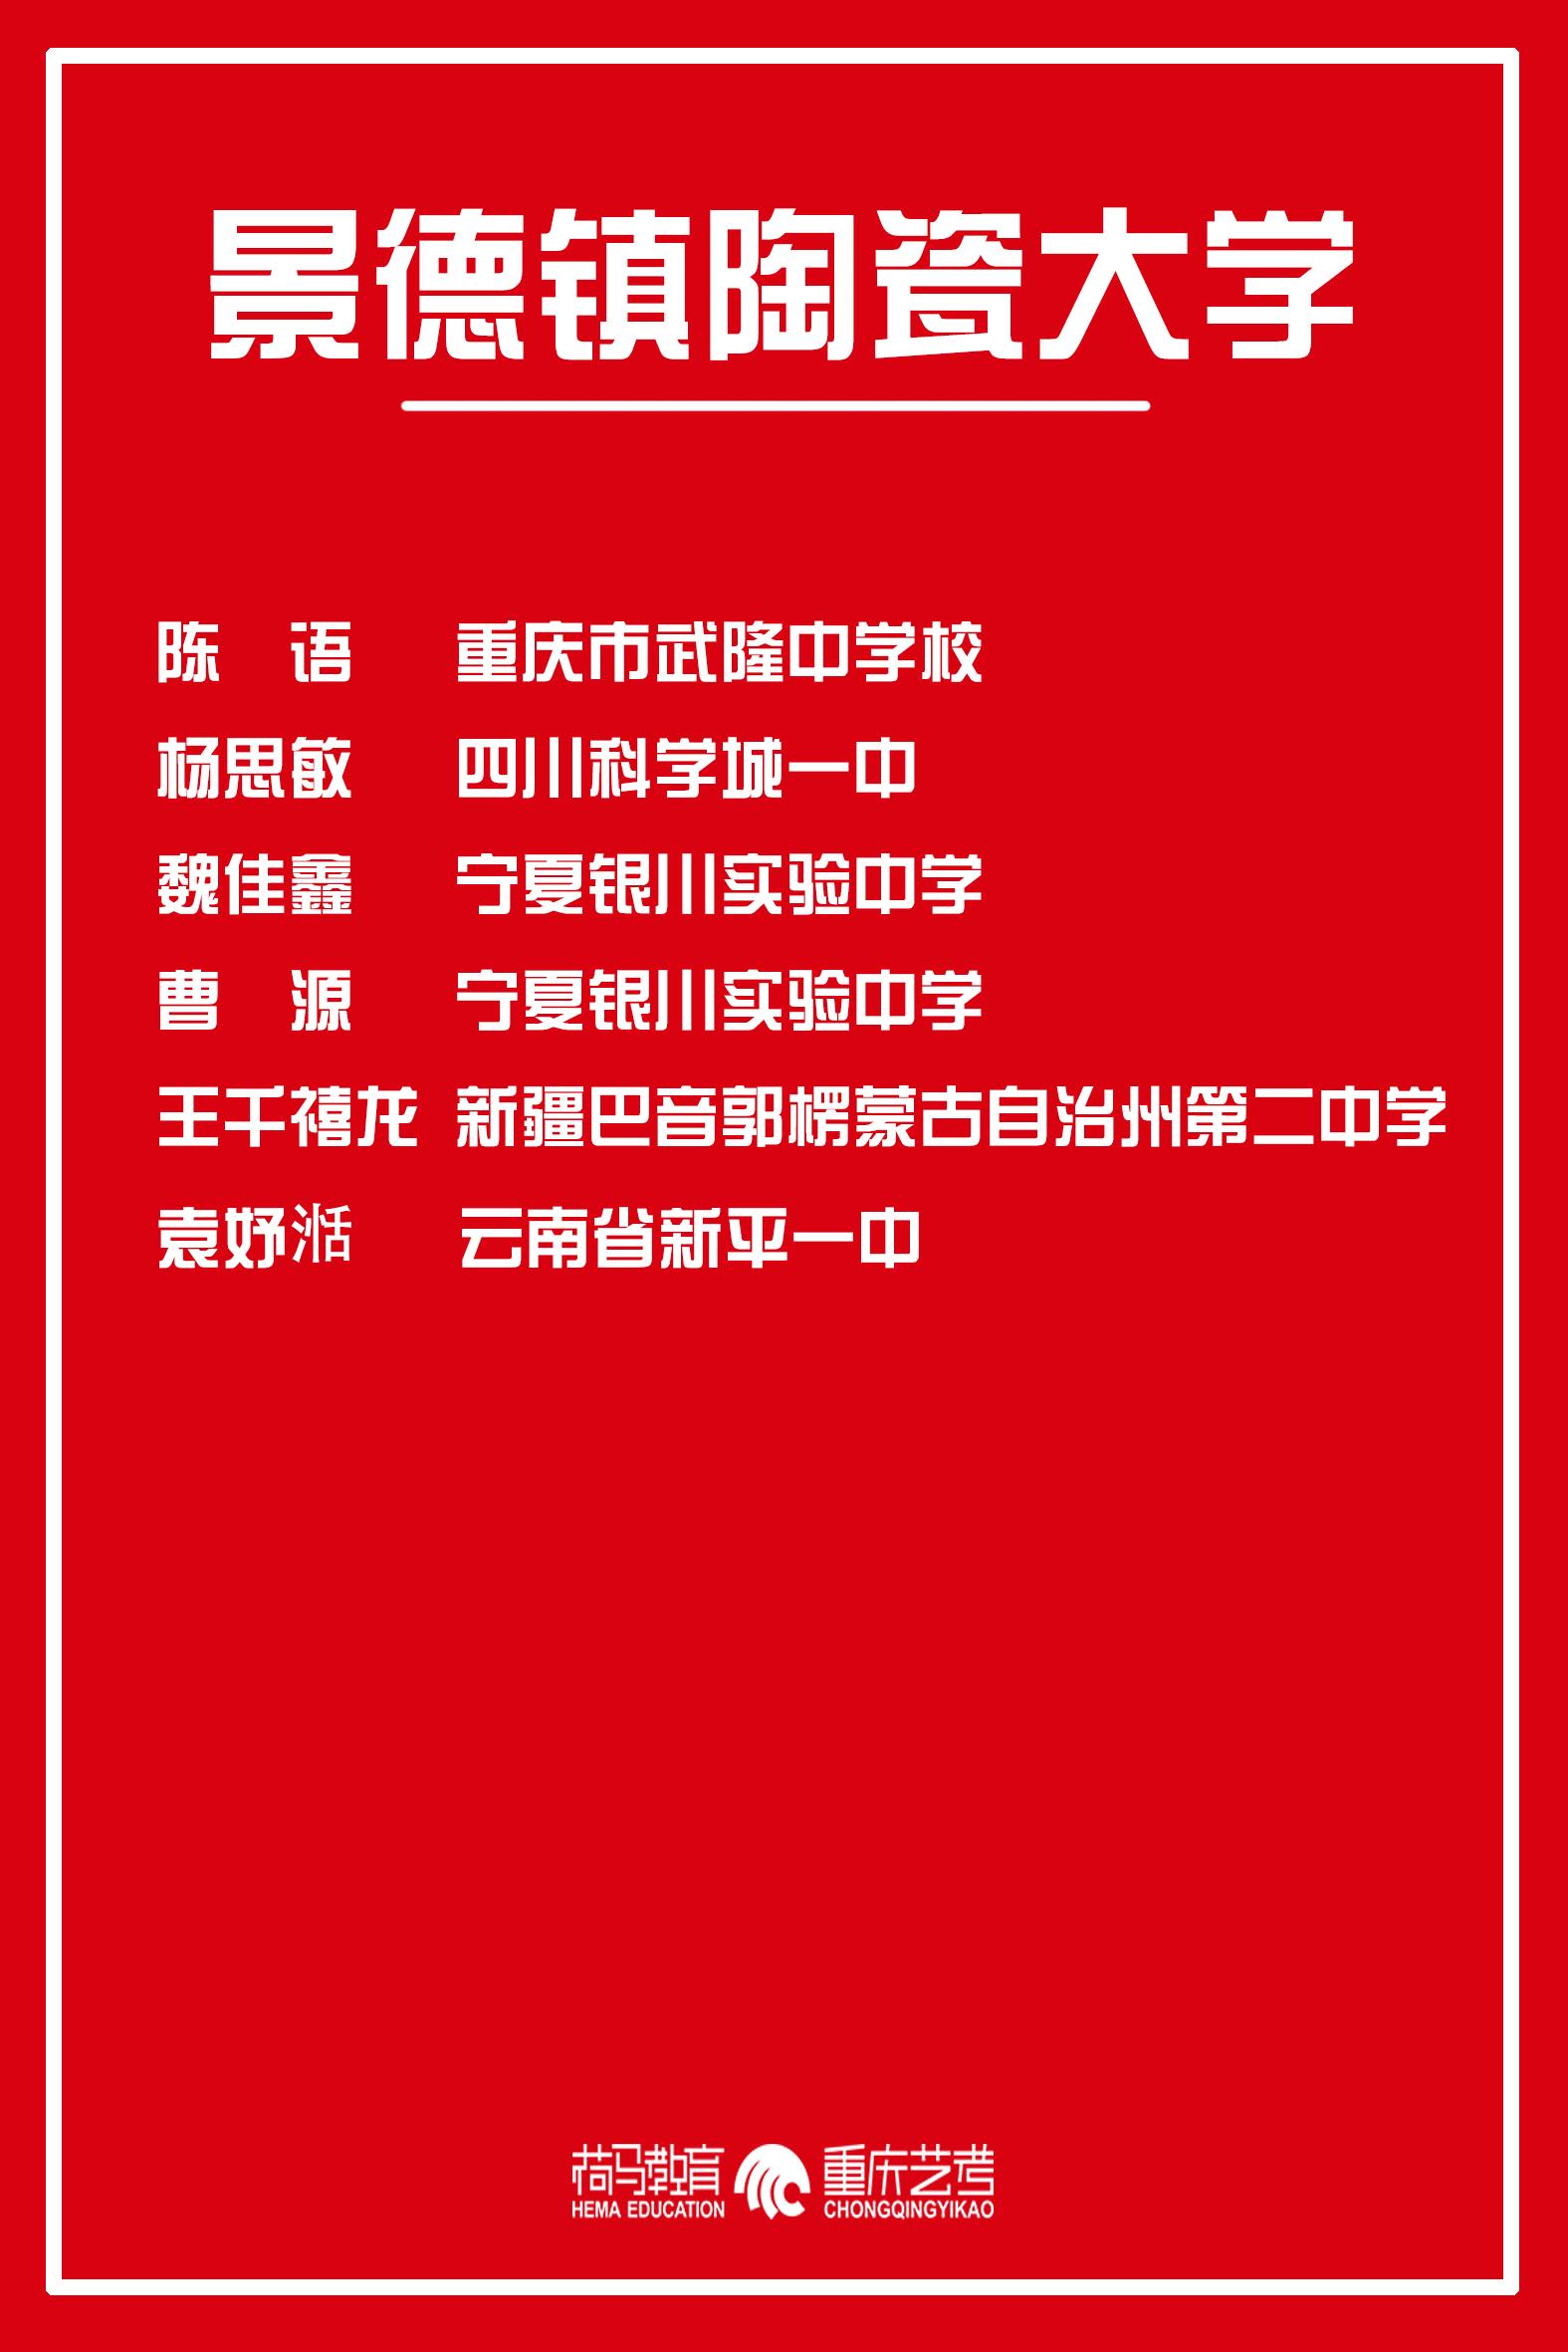 景德镇陶瓷大学.jpg